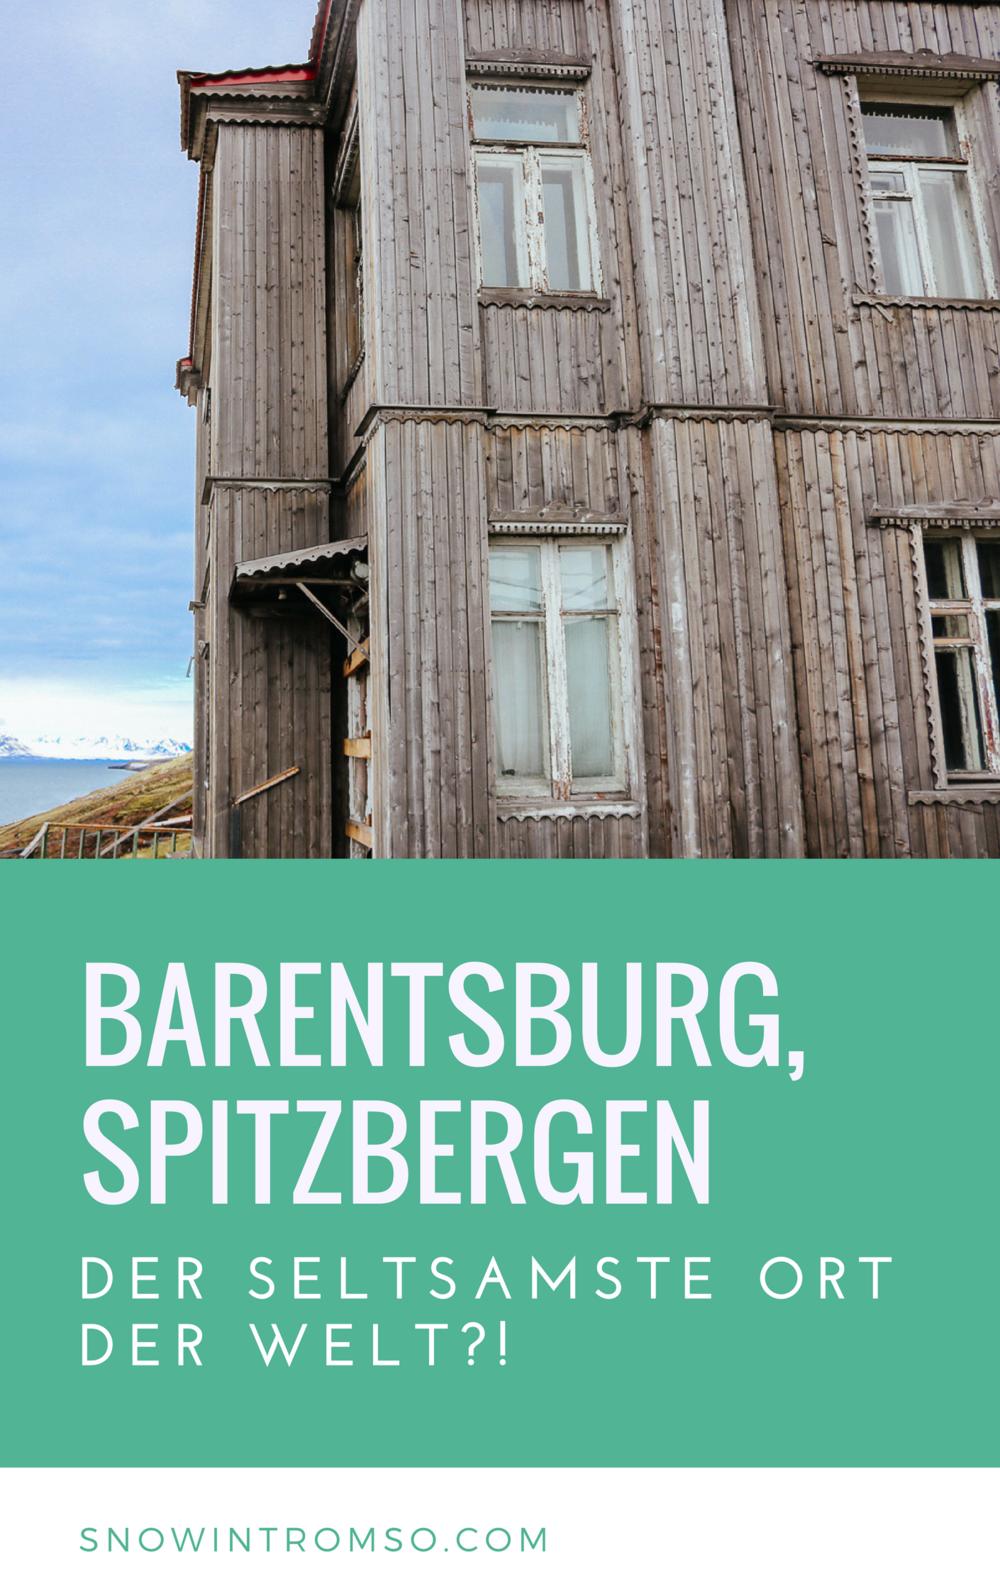 Denkst Du über eine Reise nach Spitzbergen nach? Dann lies diesen Artikel um herauszufinden, warum du Barentsburg besuchen solltest!